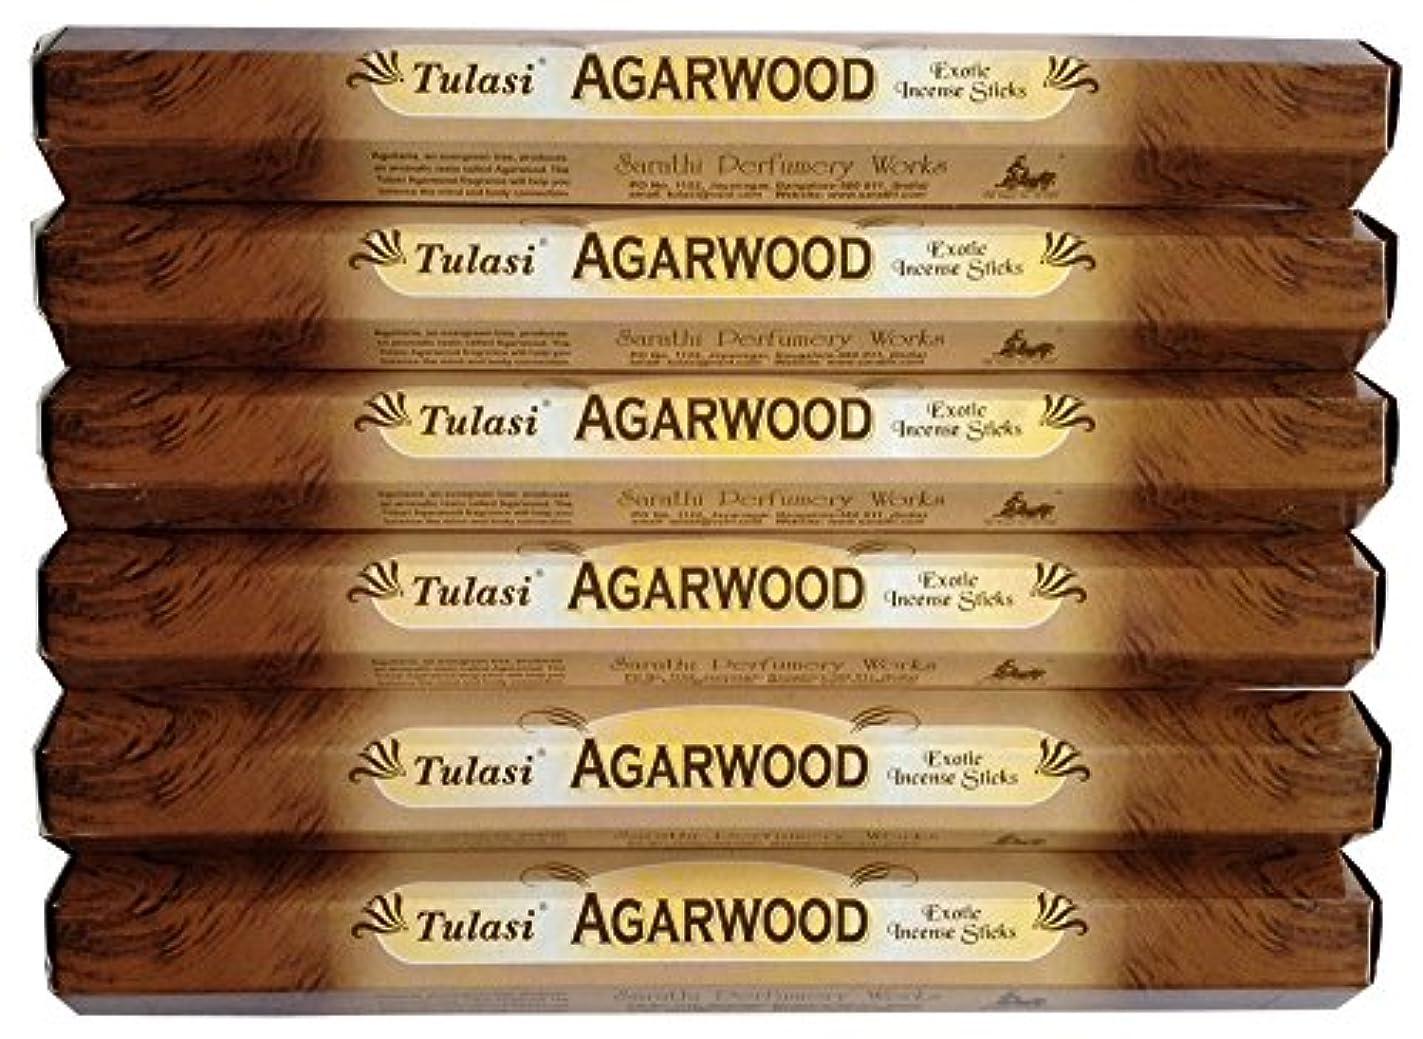 核人道的パフトゥラシ アガーウッド 6個セット